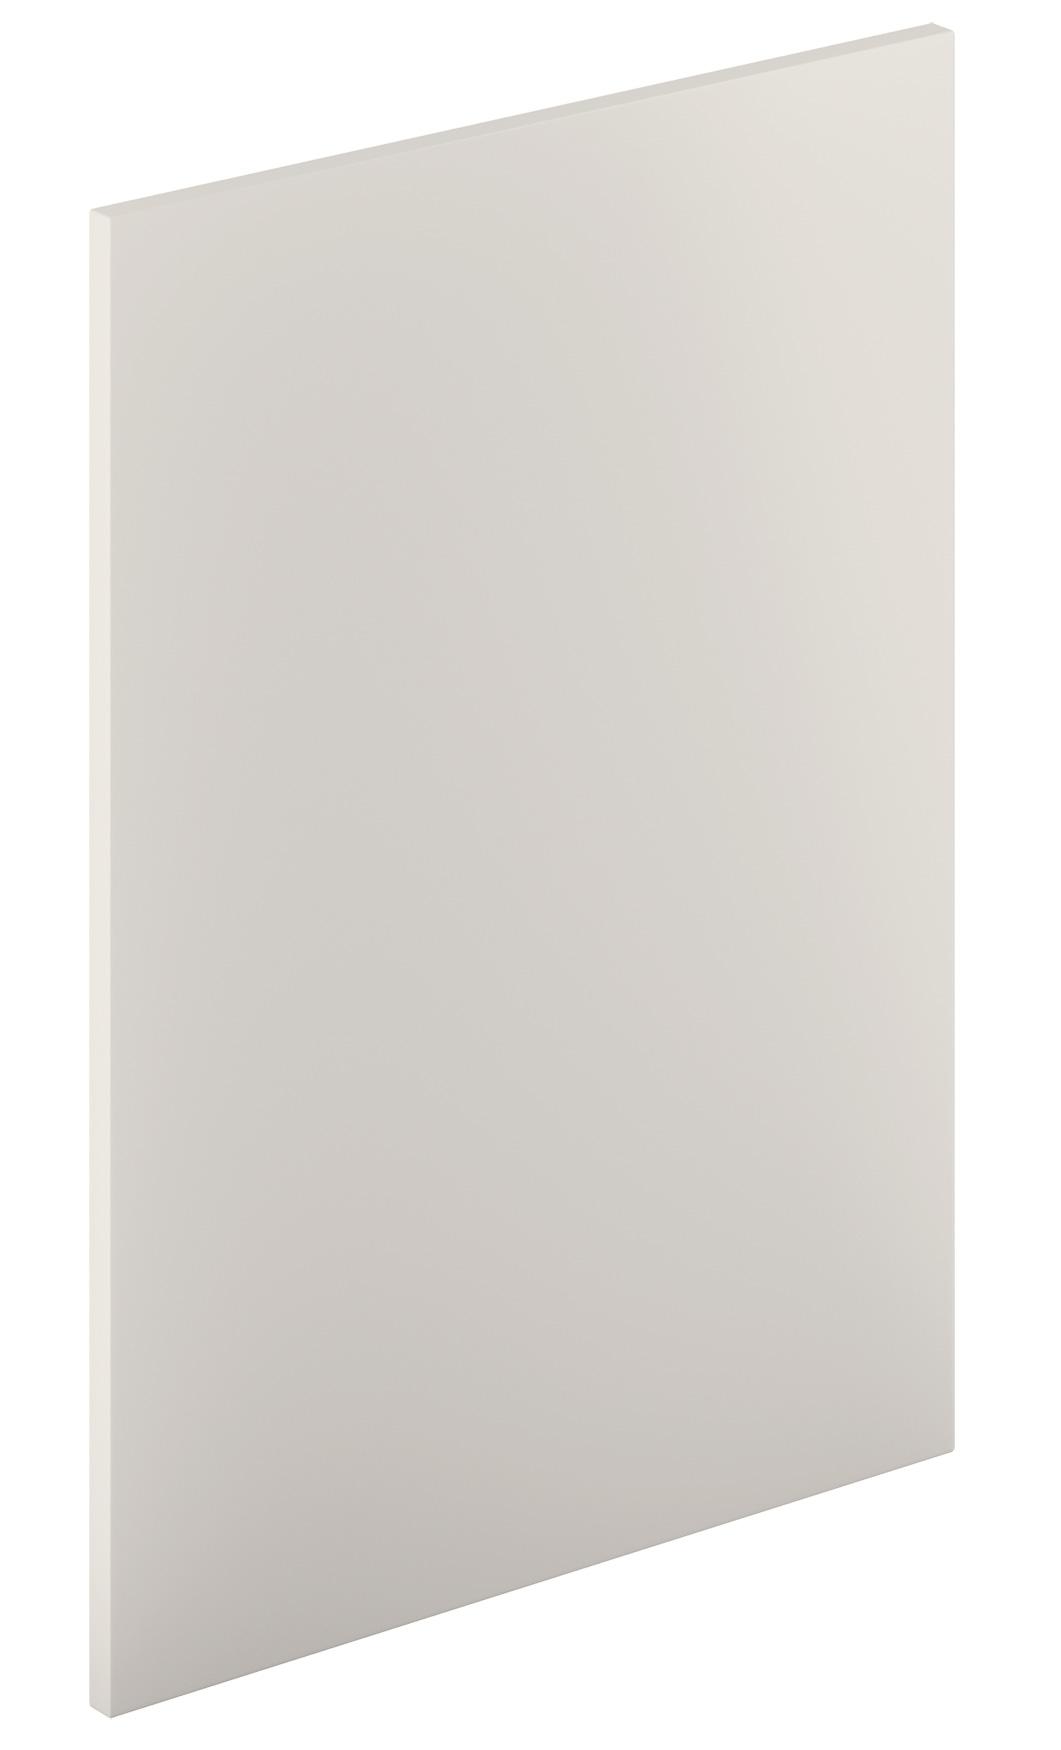 lusso-light-grey-door